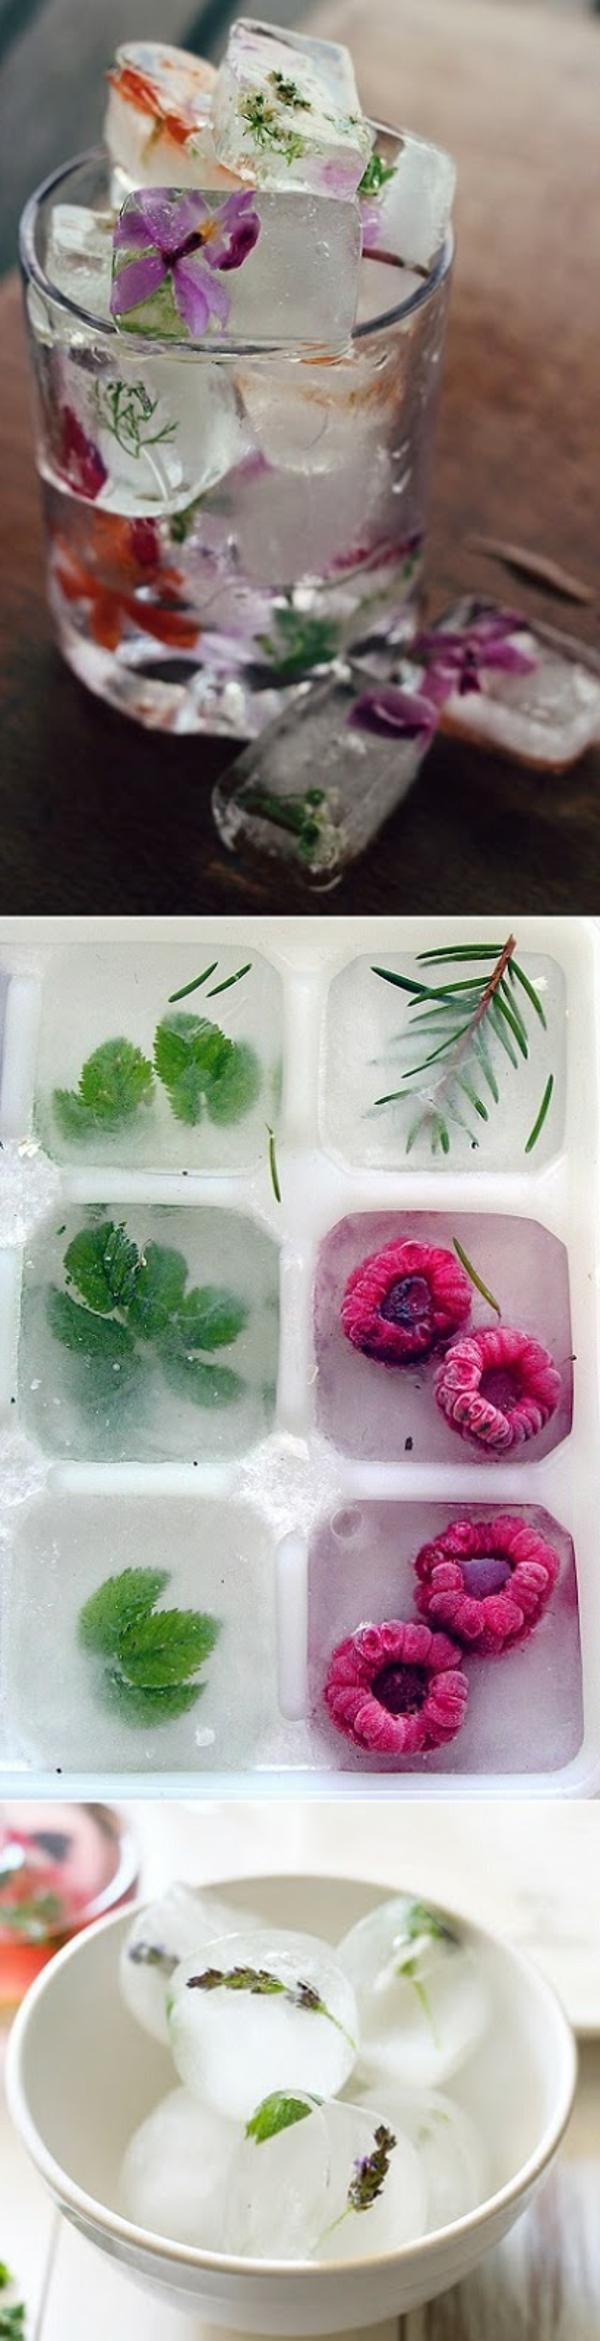 comment-faire-soi-même-morceaux-de-glace-avec-fleurs-dedans